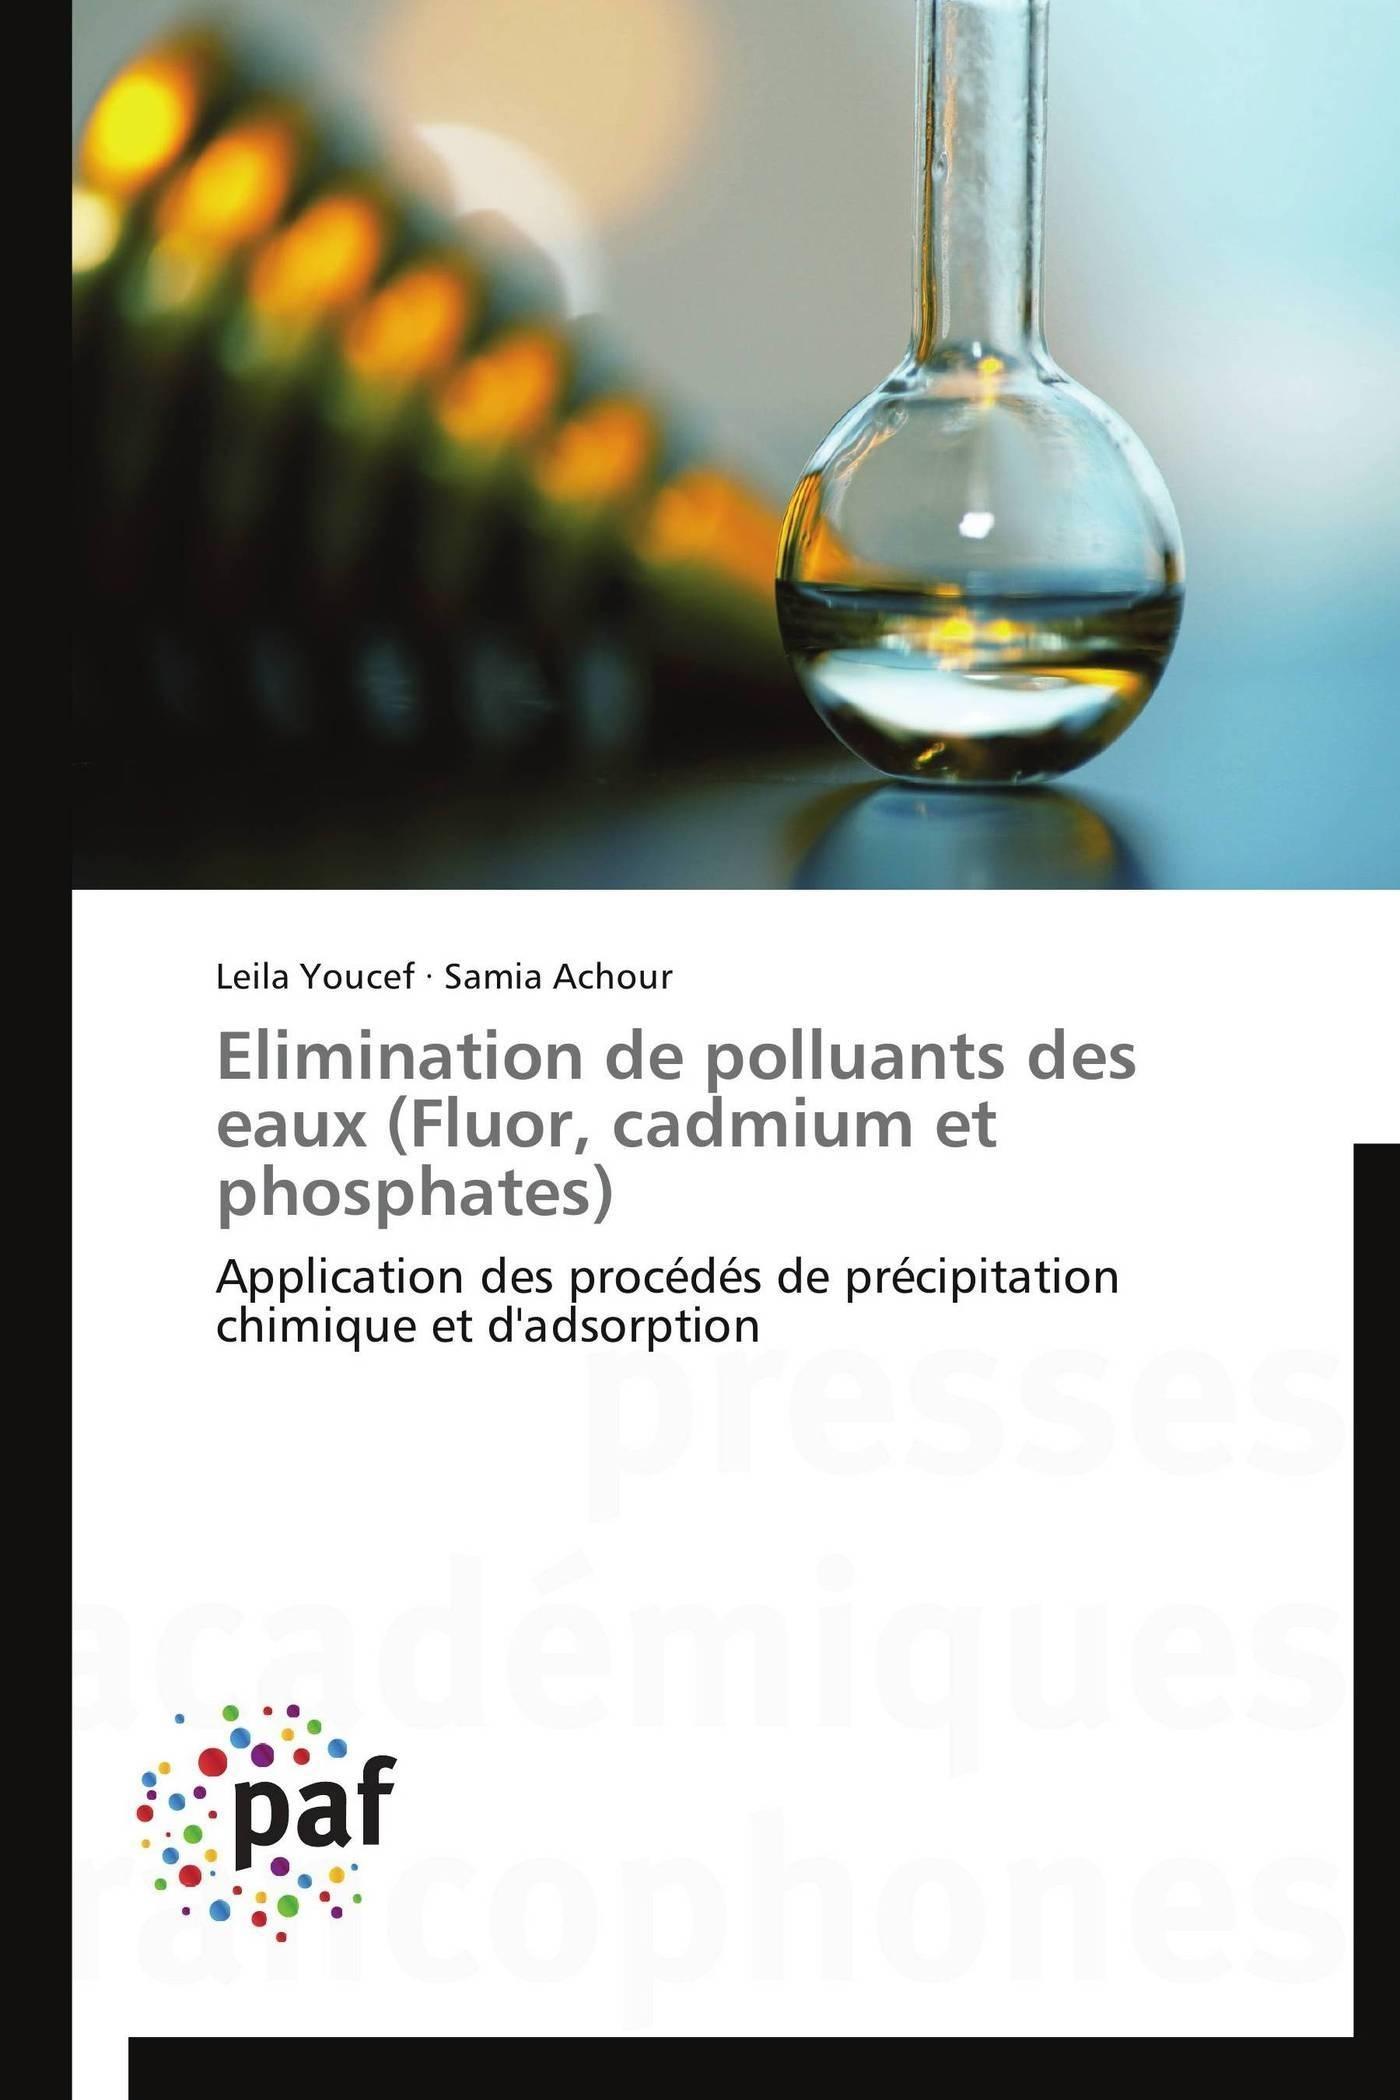 ELIMINATION DE POLLUANTS DES EAUX (FLUOR, CADMIUM ET PHOSPHATES)